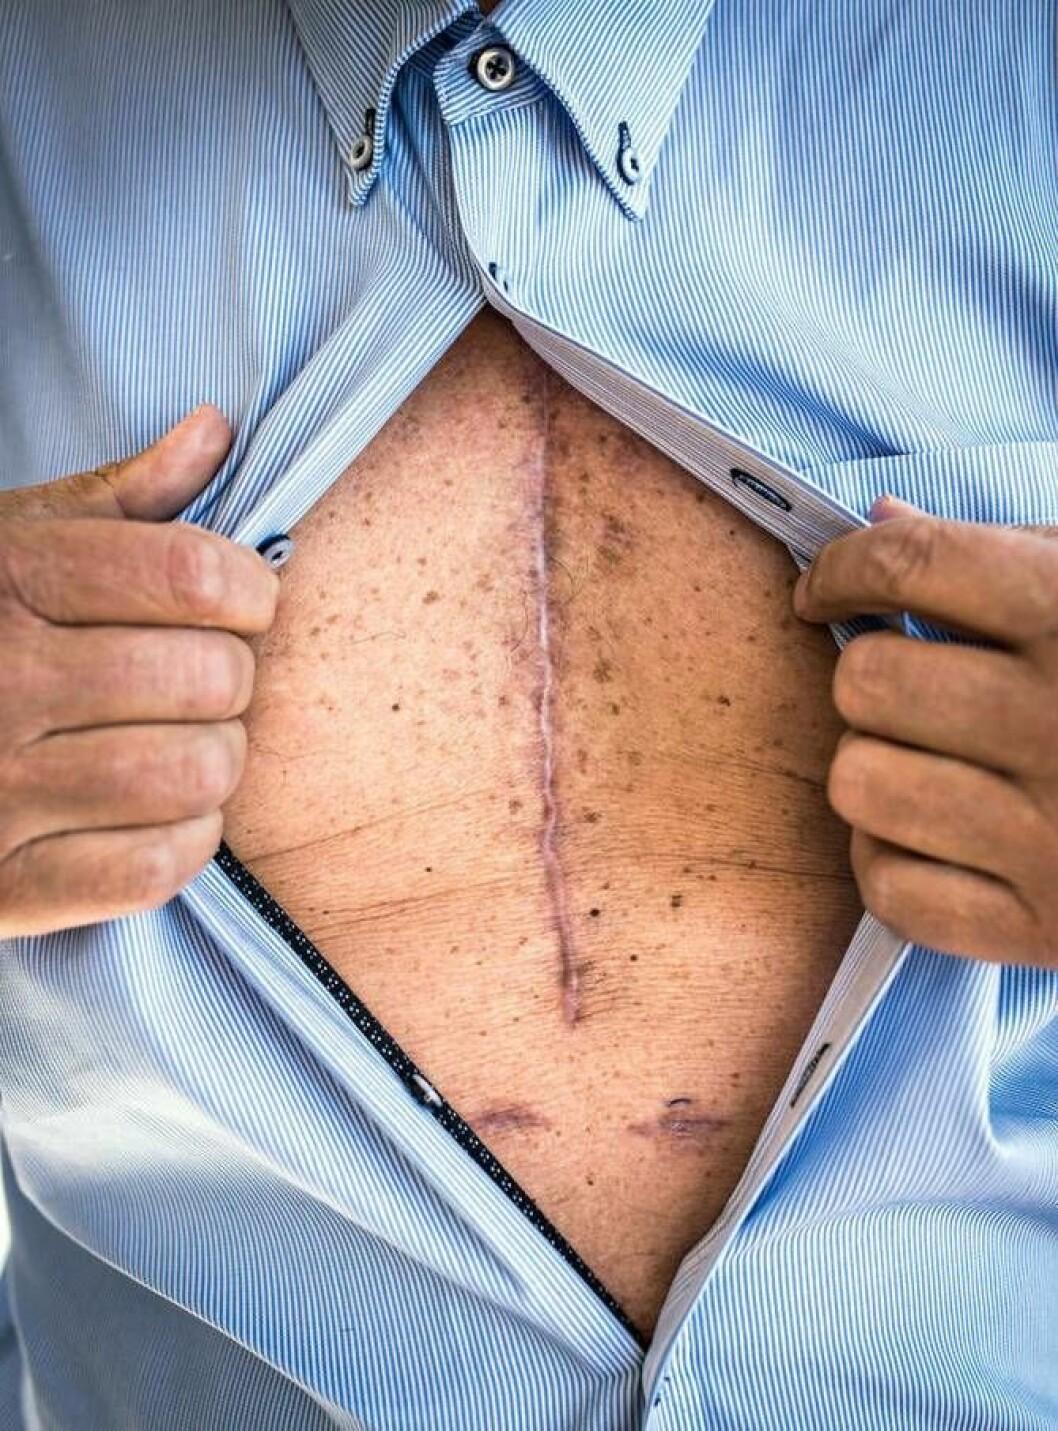 Arret på Dag Egils bryst forteller historien om sykdommen som rammet ham i sommer.